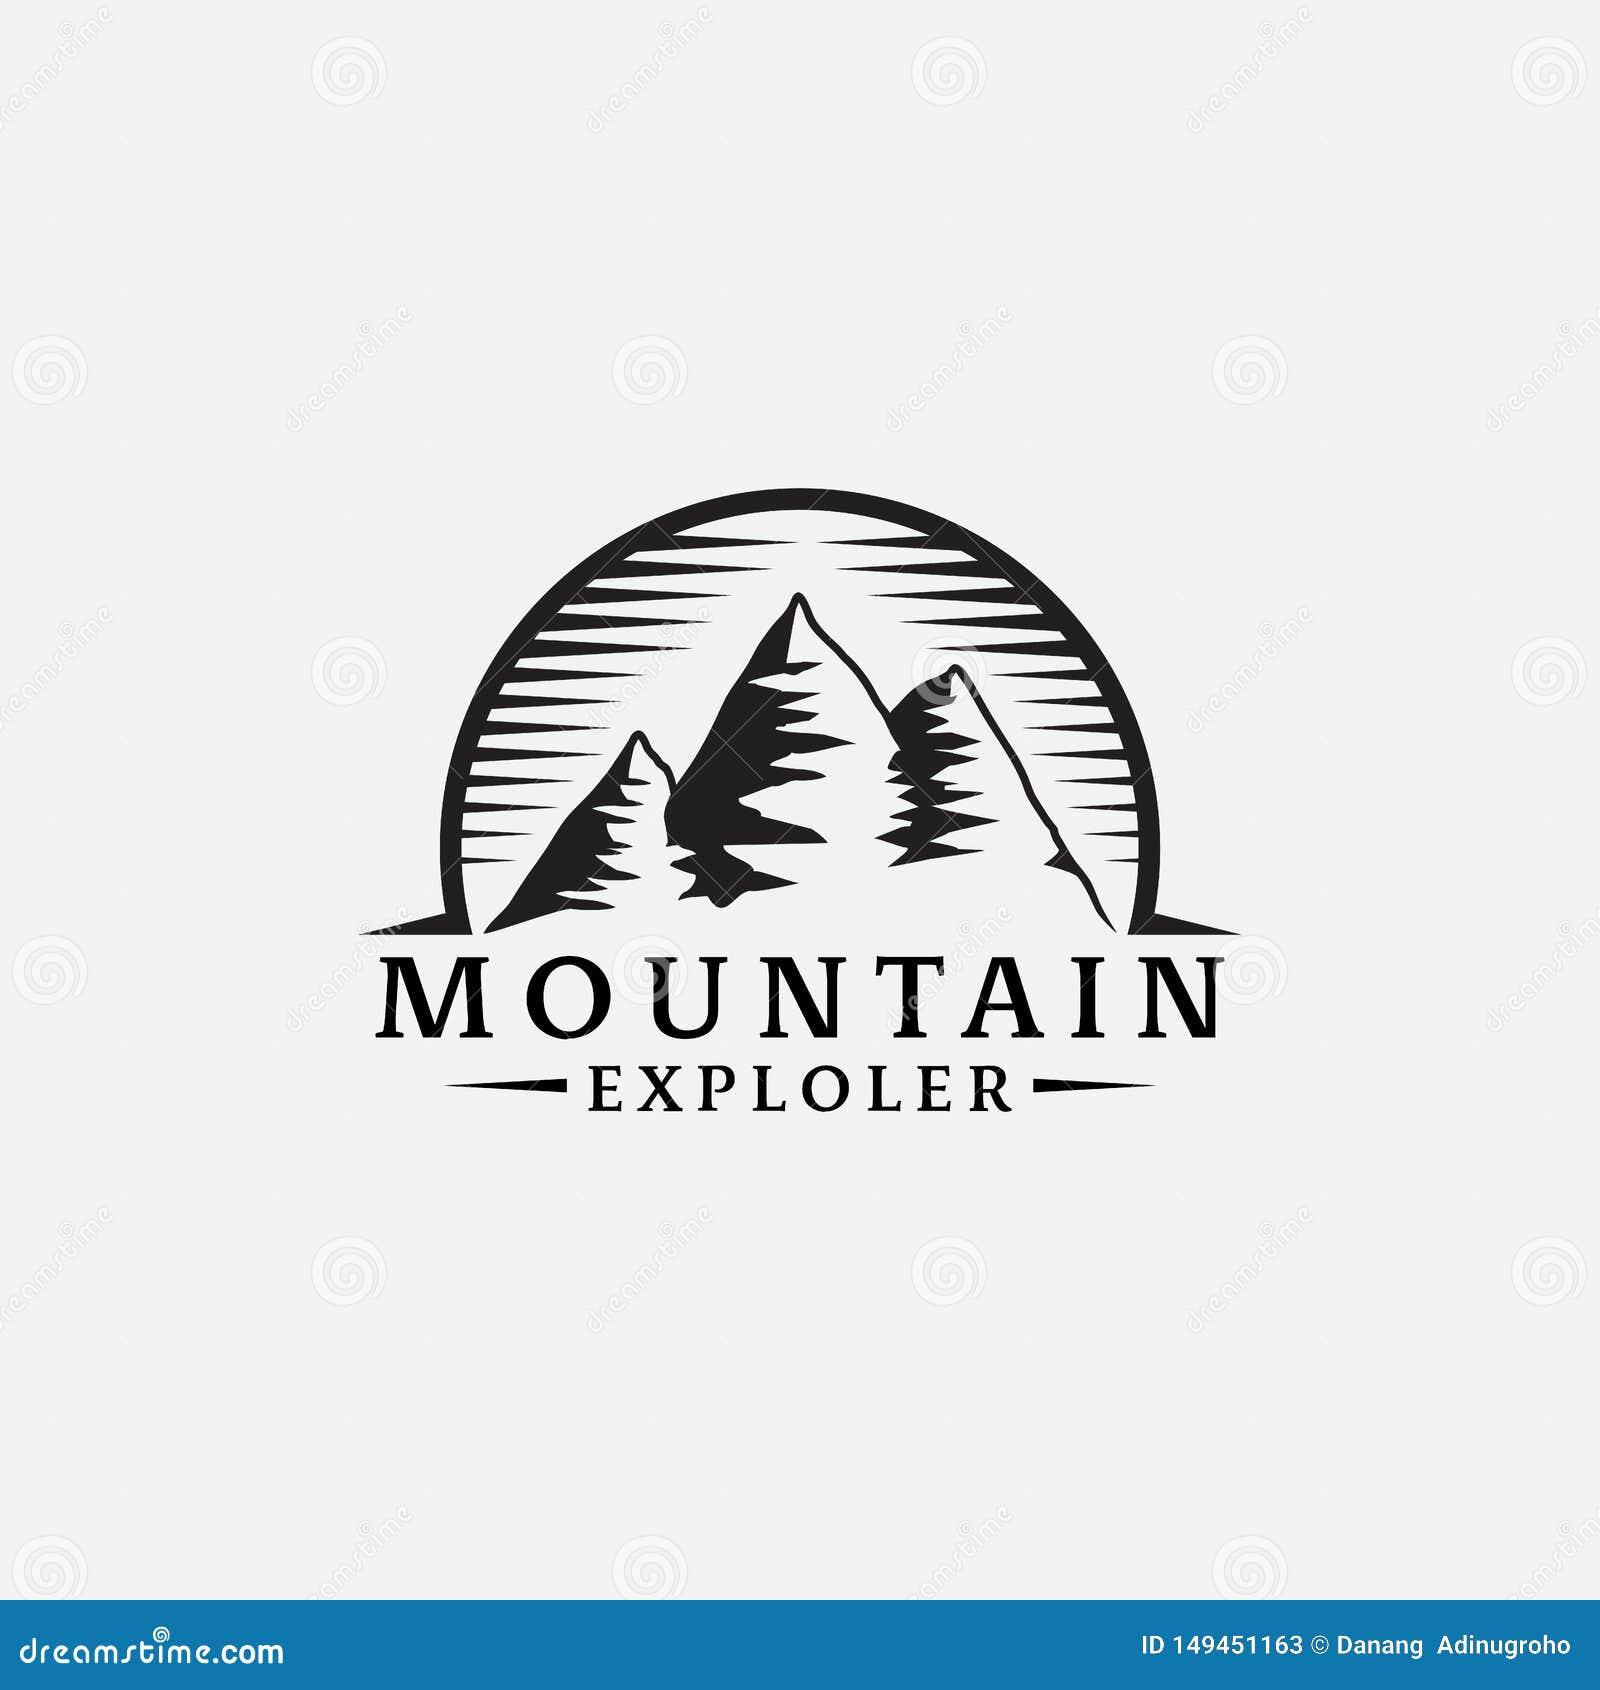 Mountains Explorer retro logo hipster design